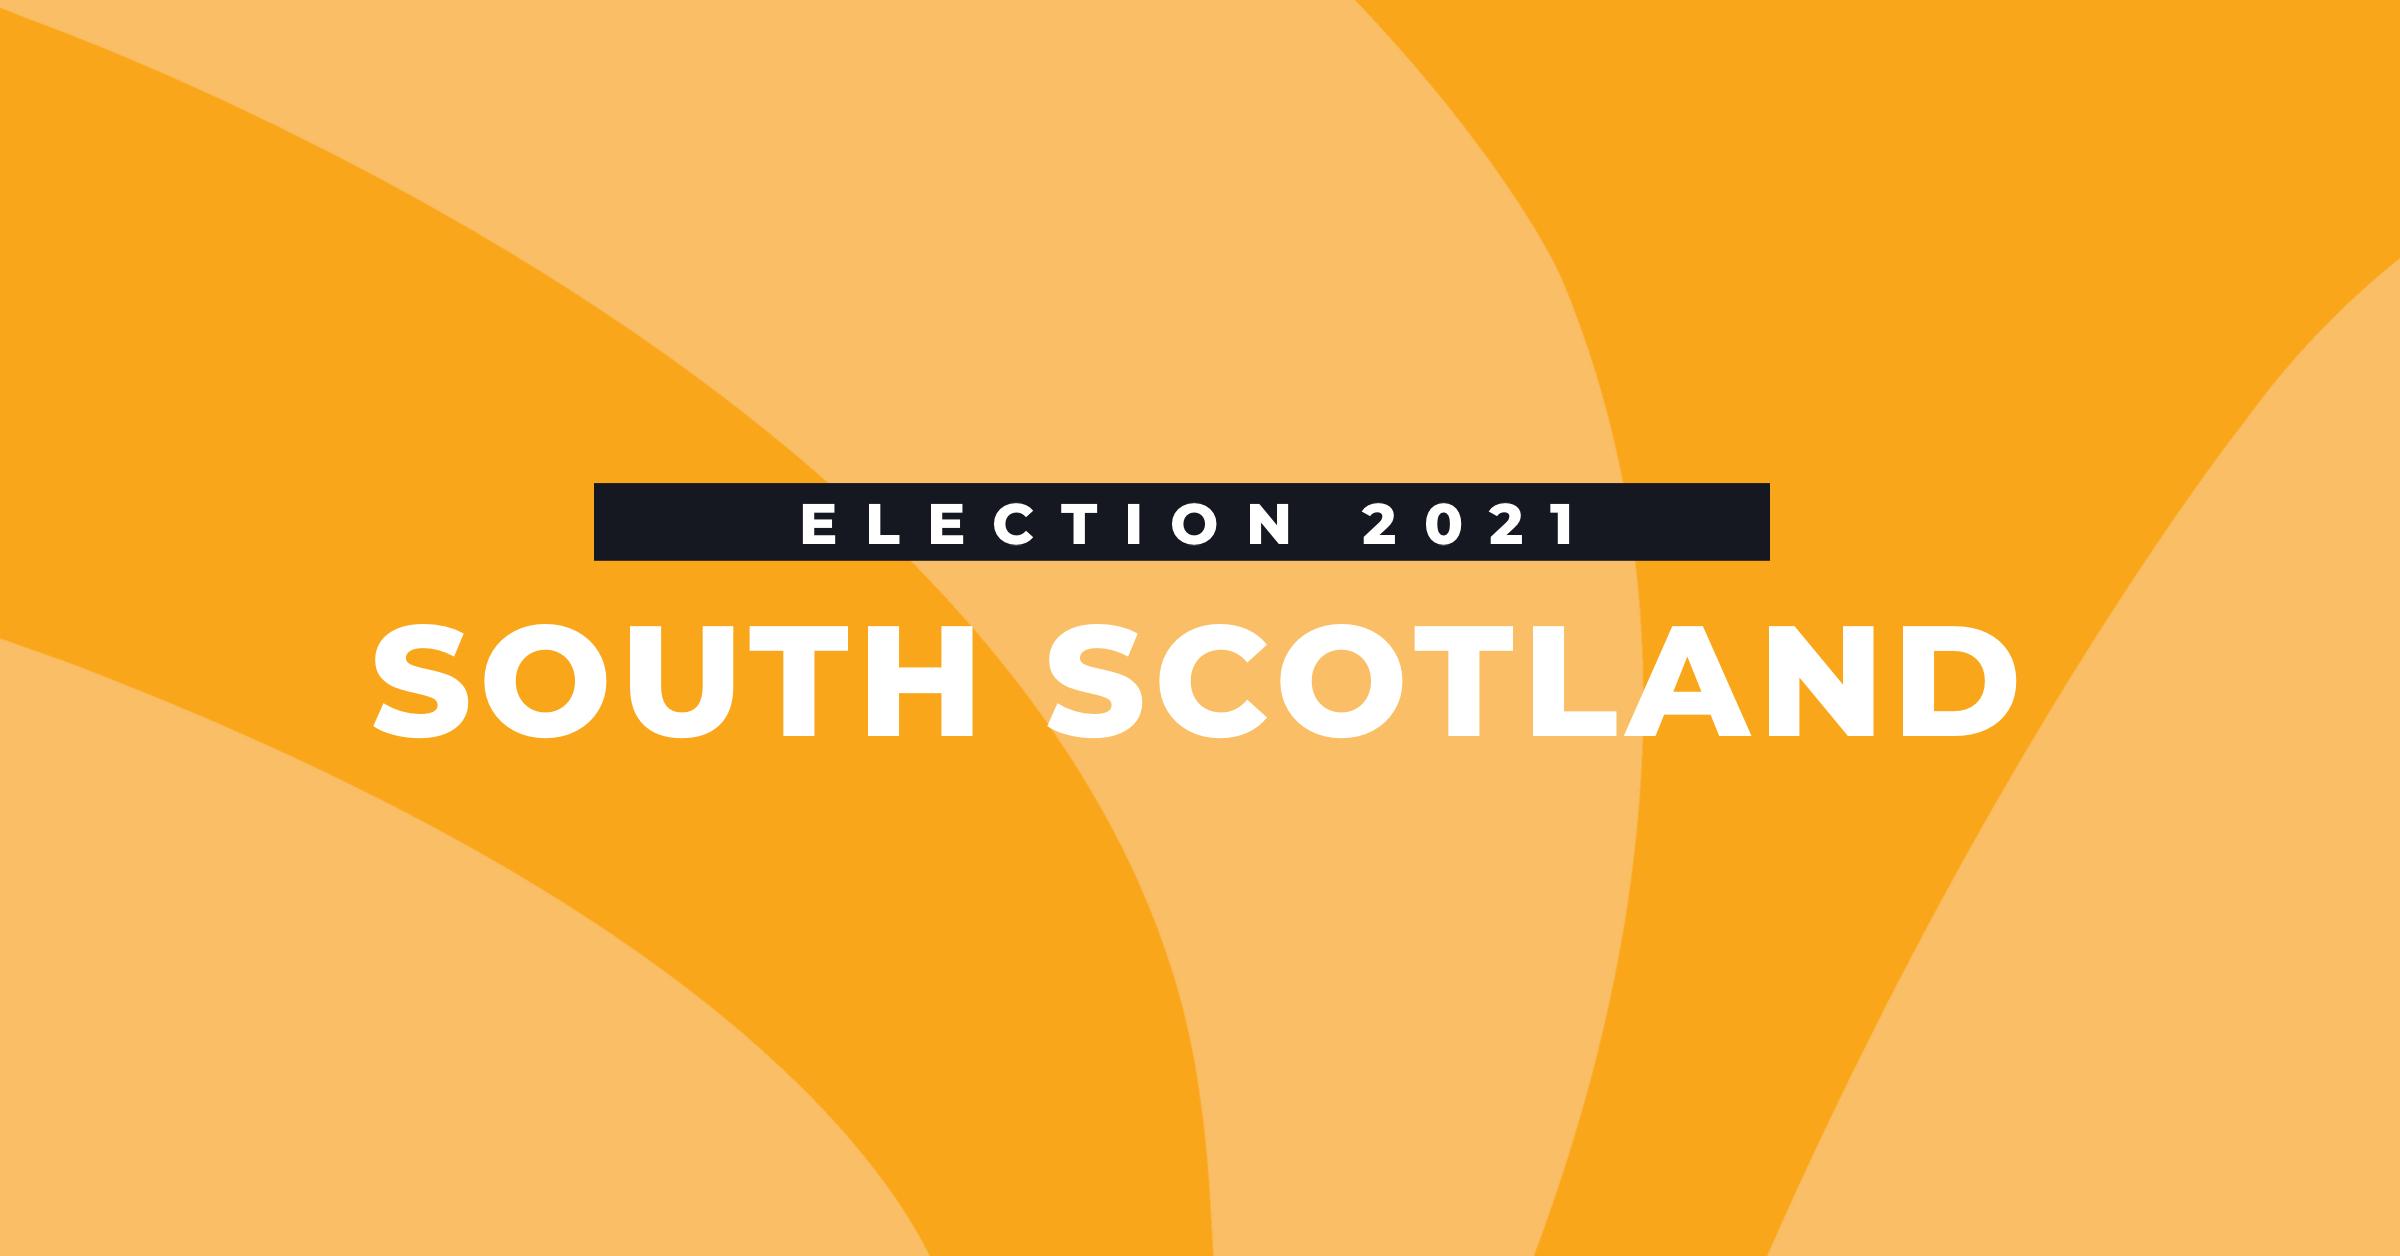 South Scotland